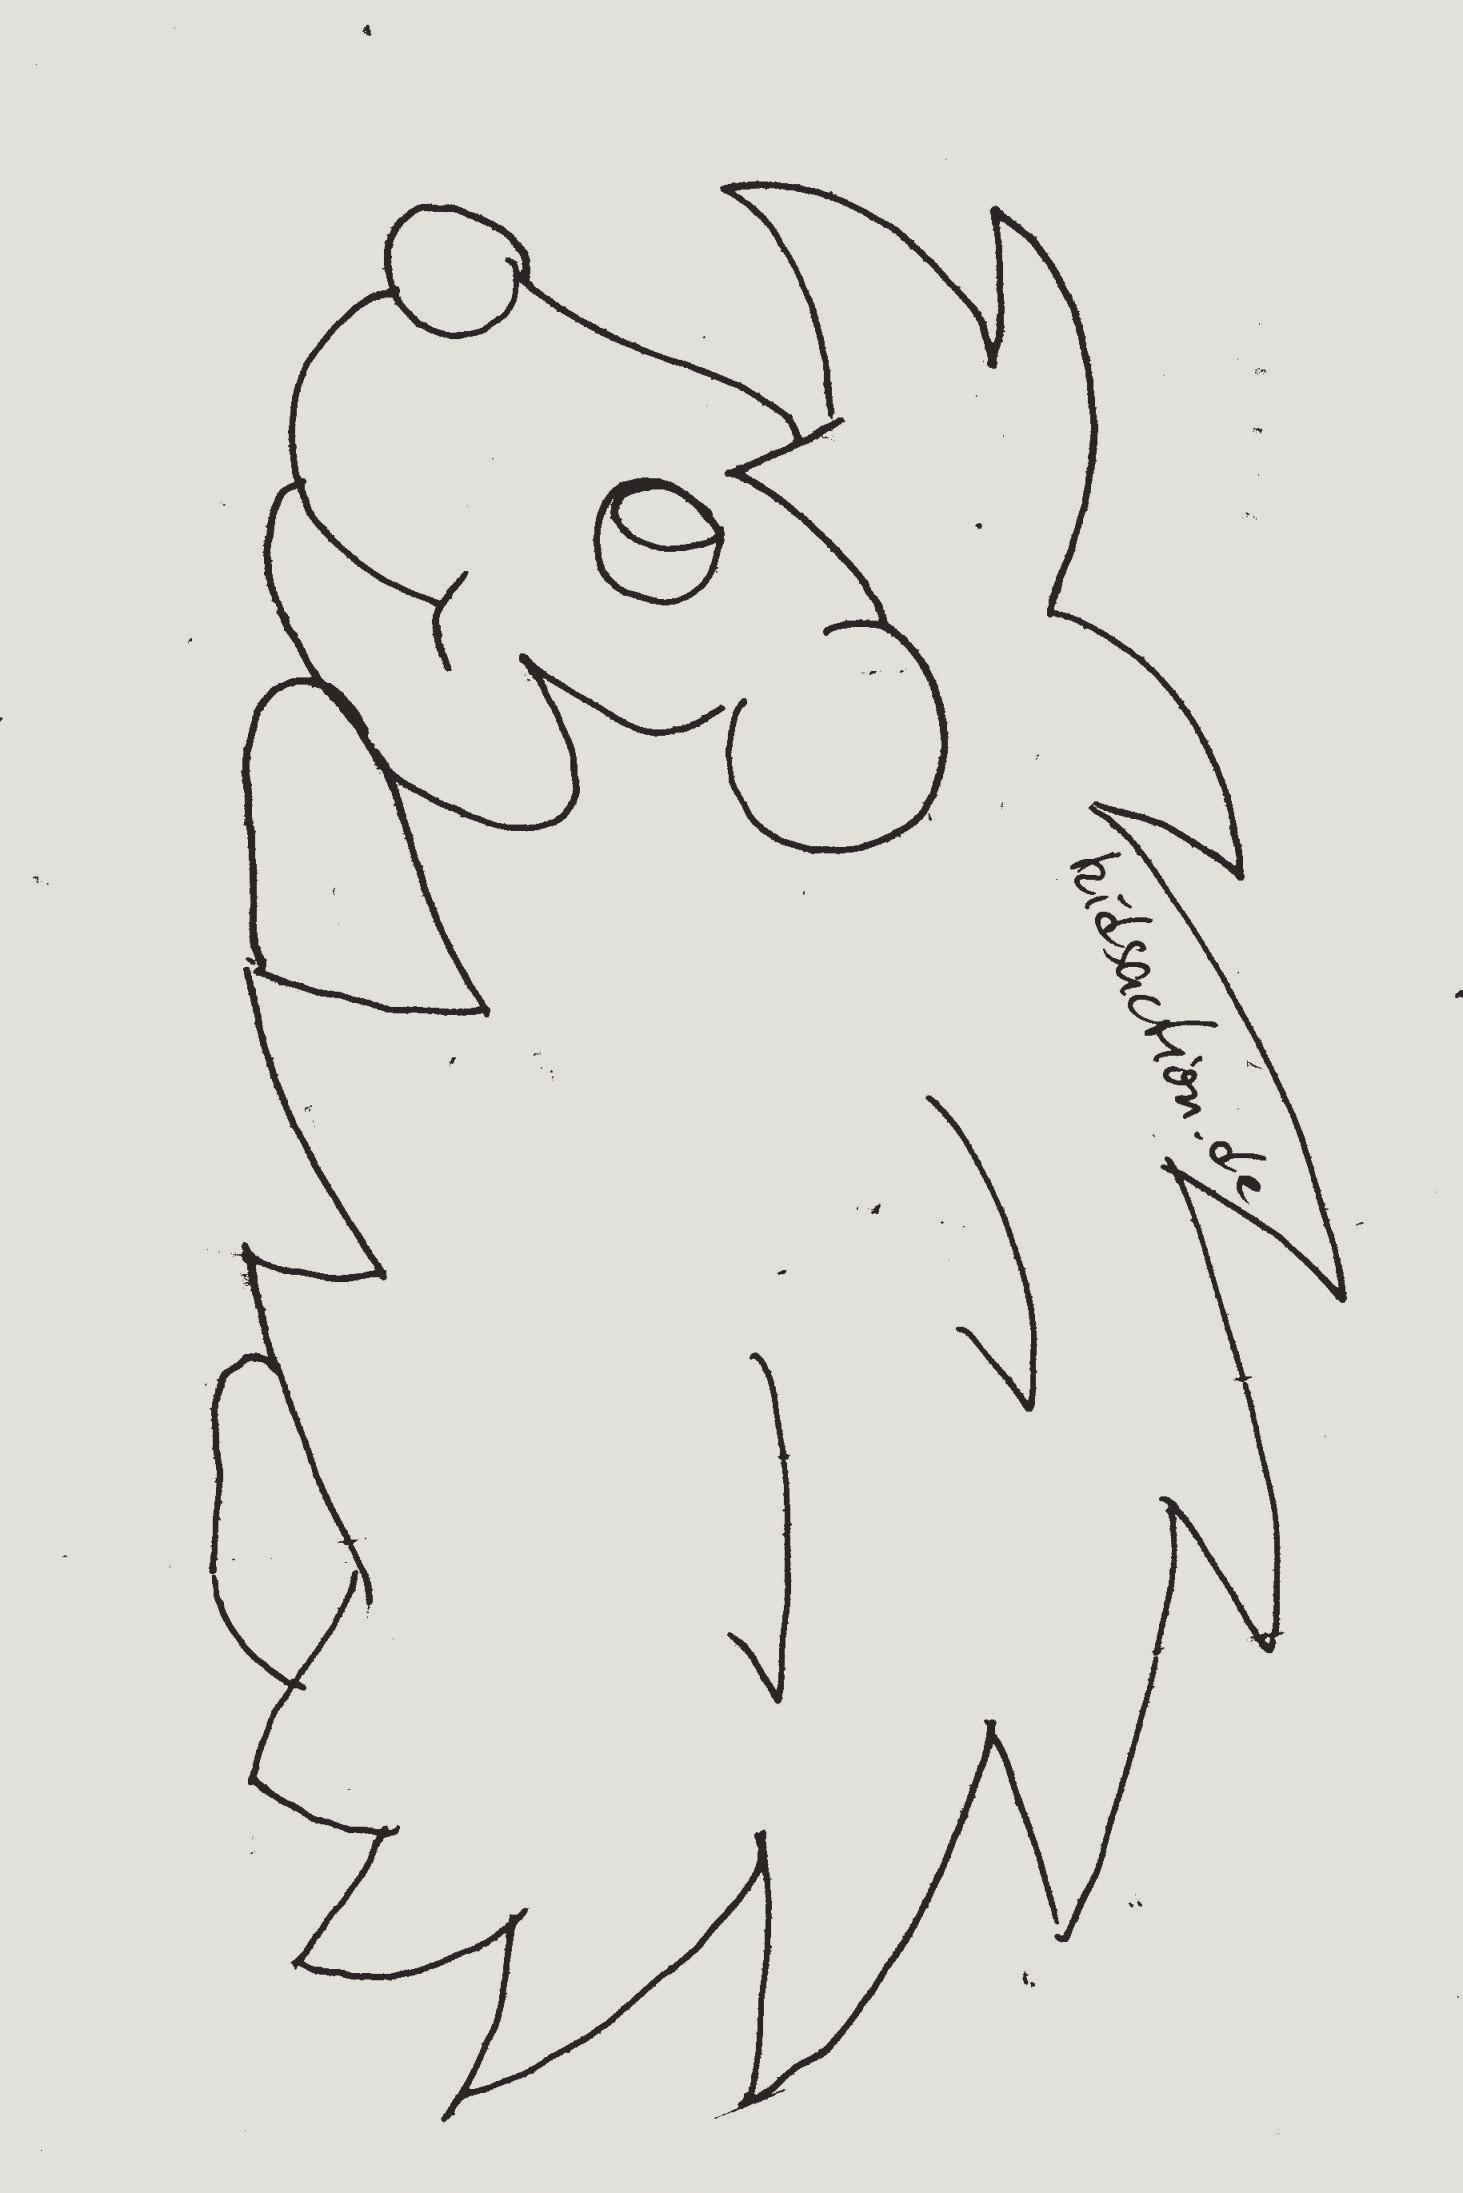 Malvorlagen Pokemon Das Beste Von 30 Besten Ausmalbilder Mandala Tiere Ausdrucken Crossradio Y7du Stock